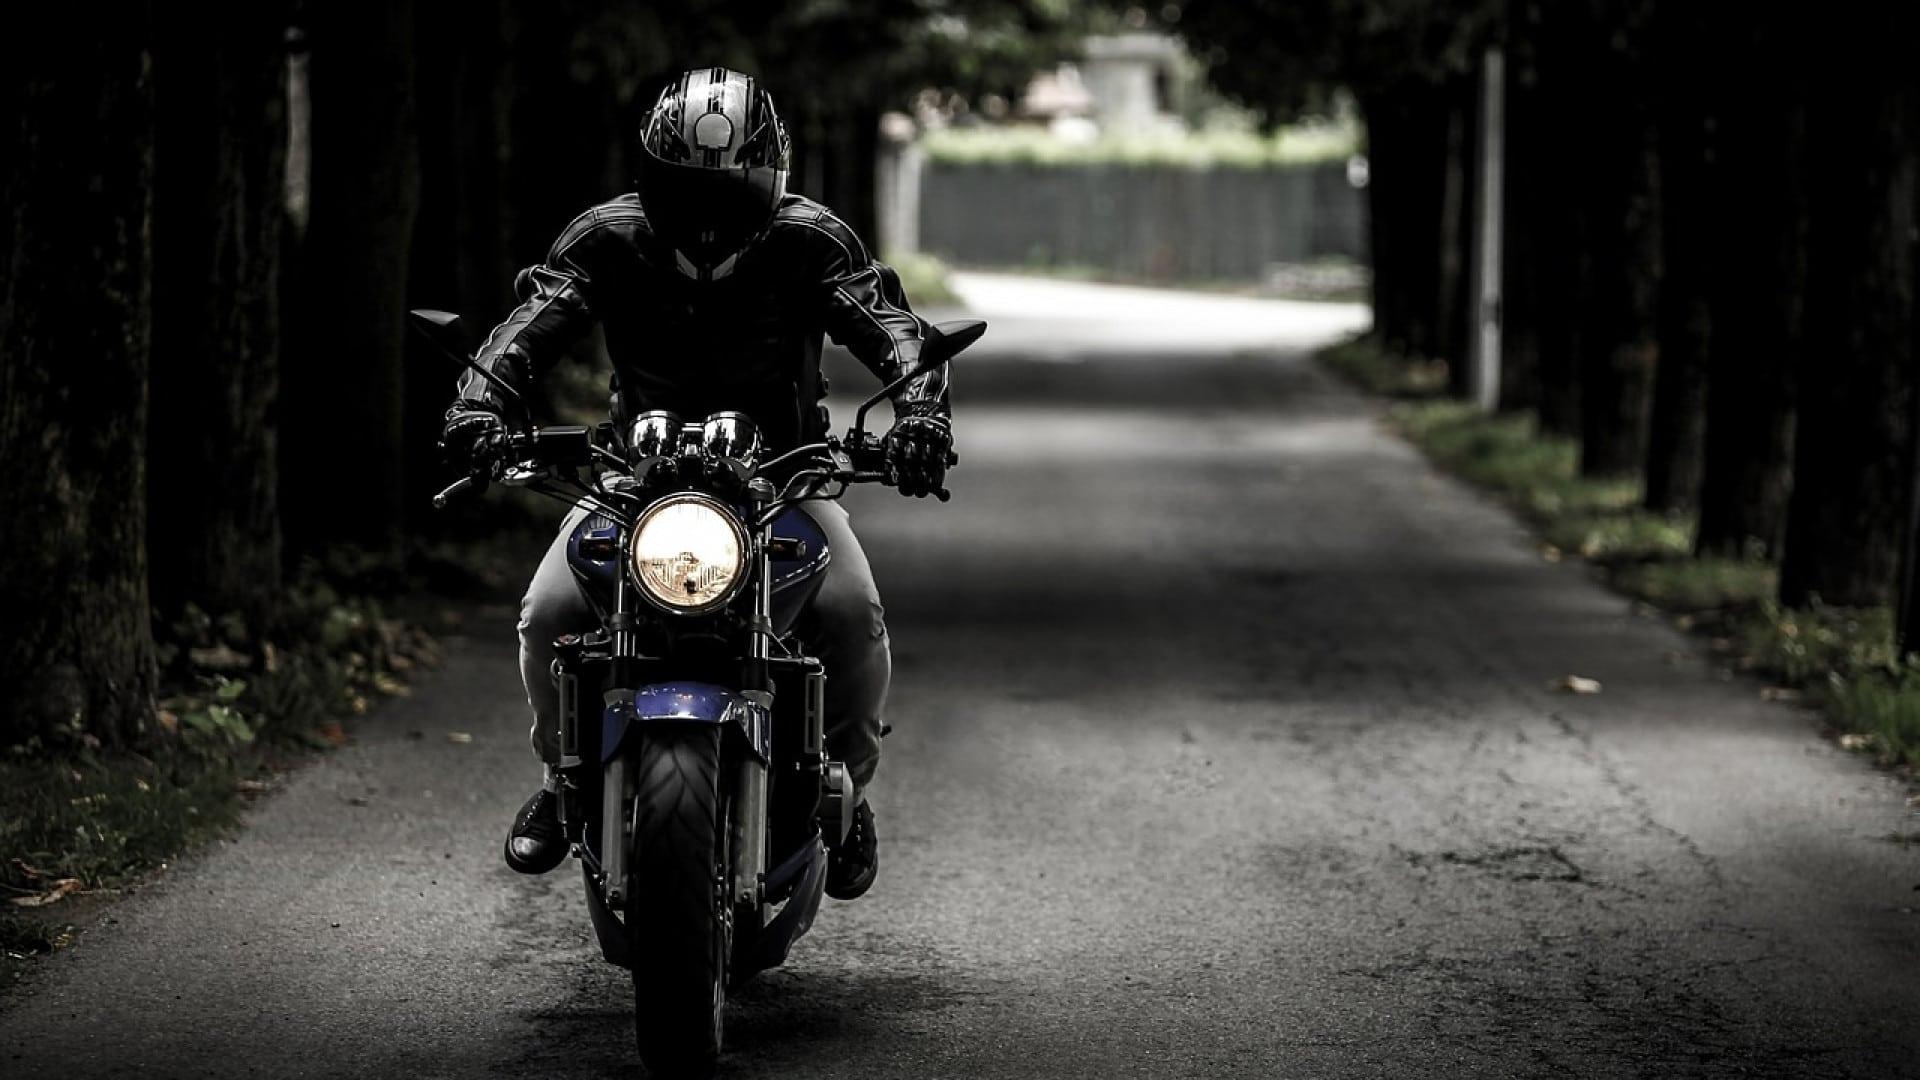 Installez des valises sur votre moto